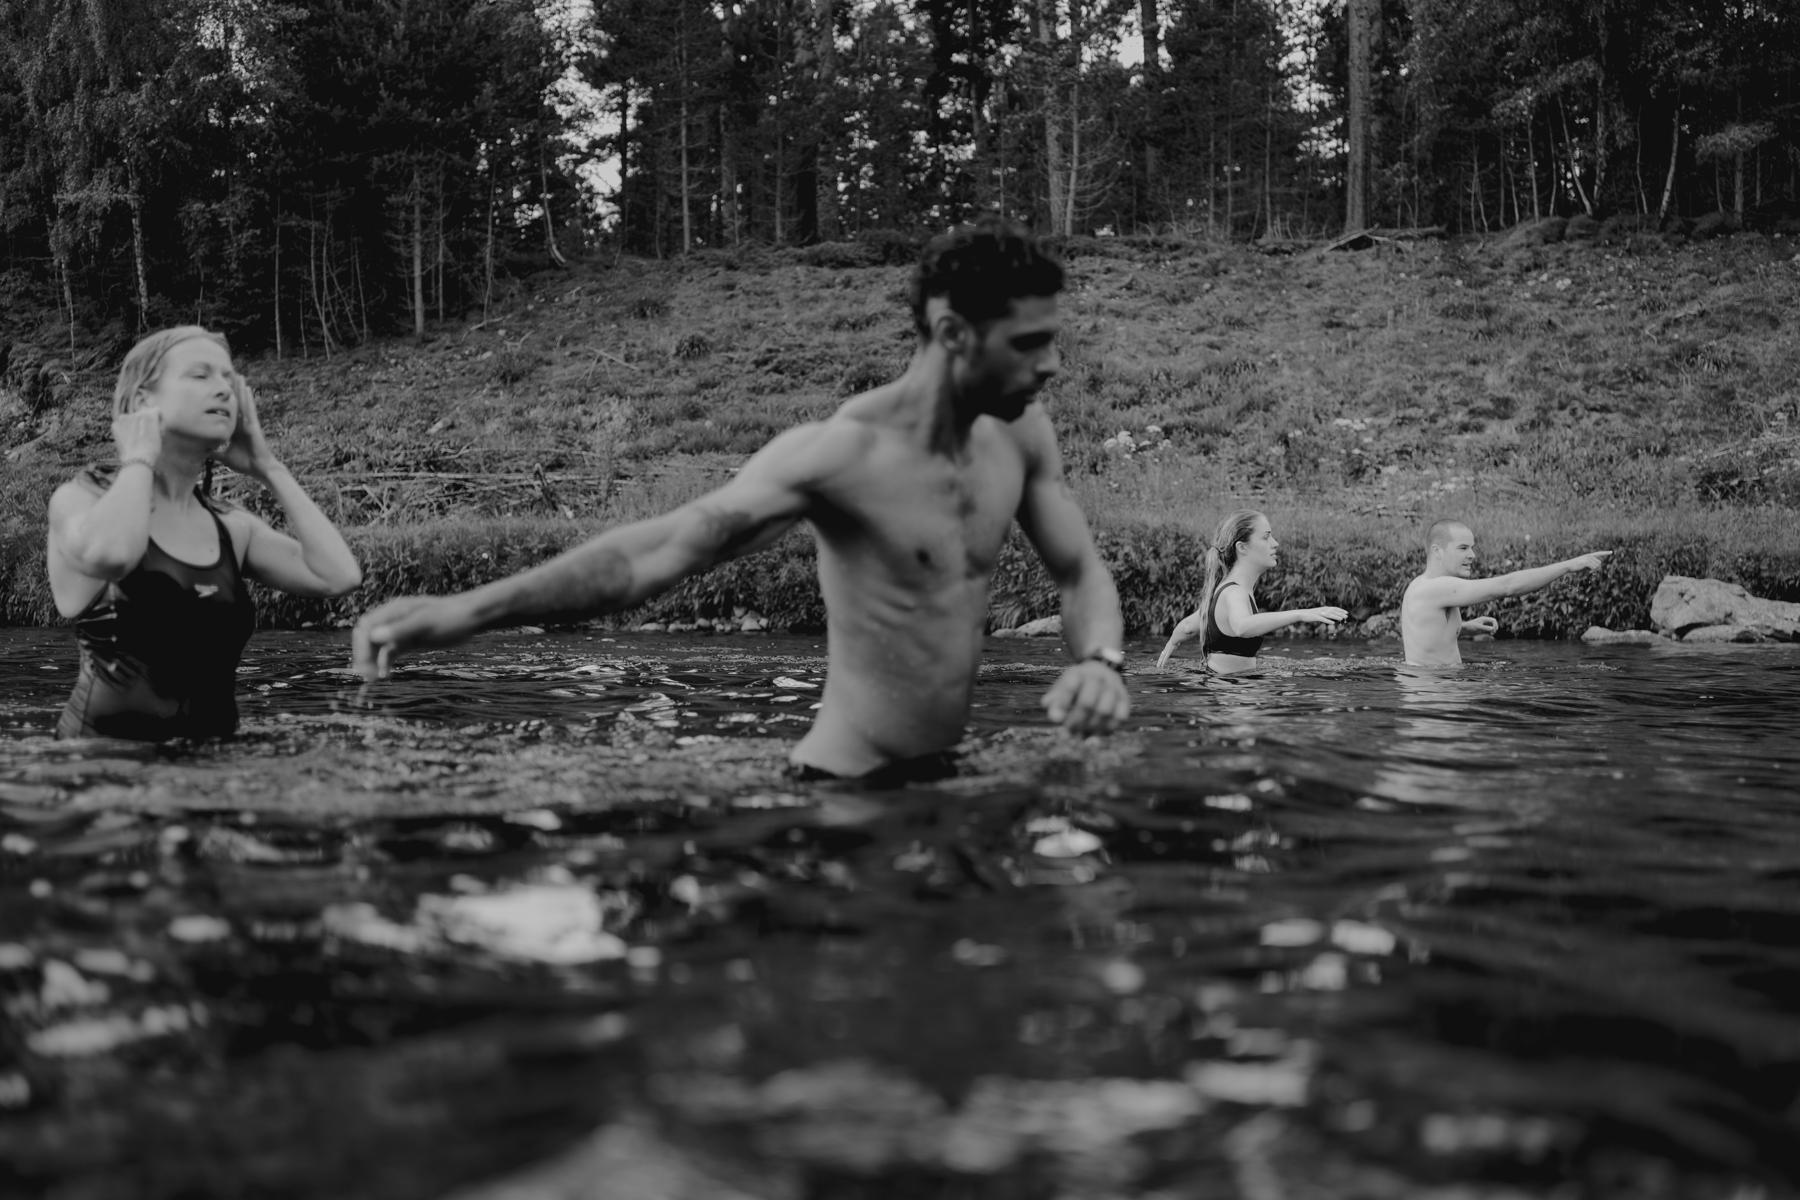 外部婚礼摄影师苏格兰| 在森林里举行仪式之前